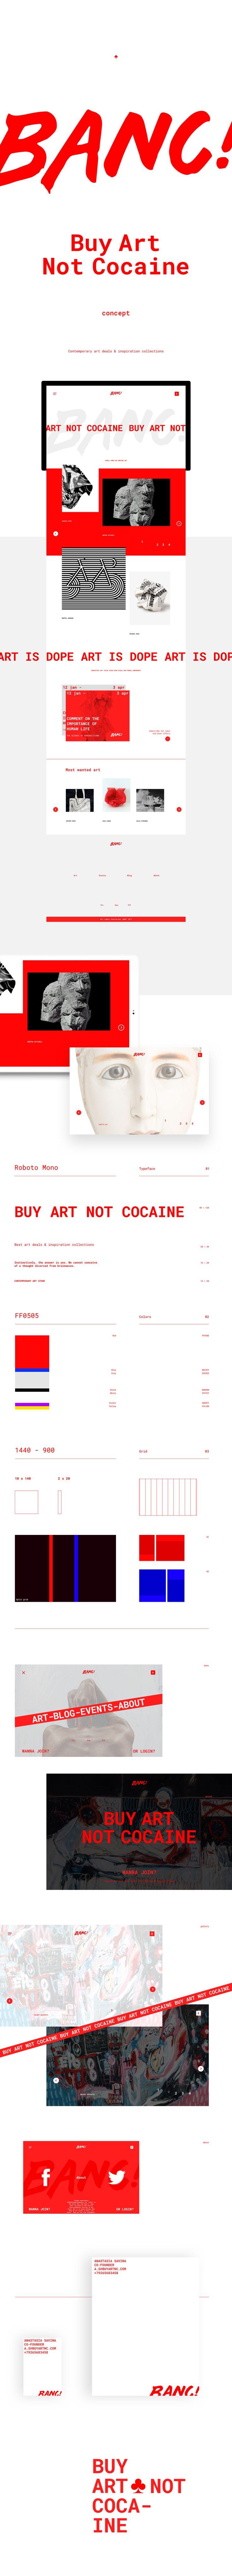 BANC! Buy Art Not Cocaine, Сайт © МихаилНовожилов